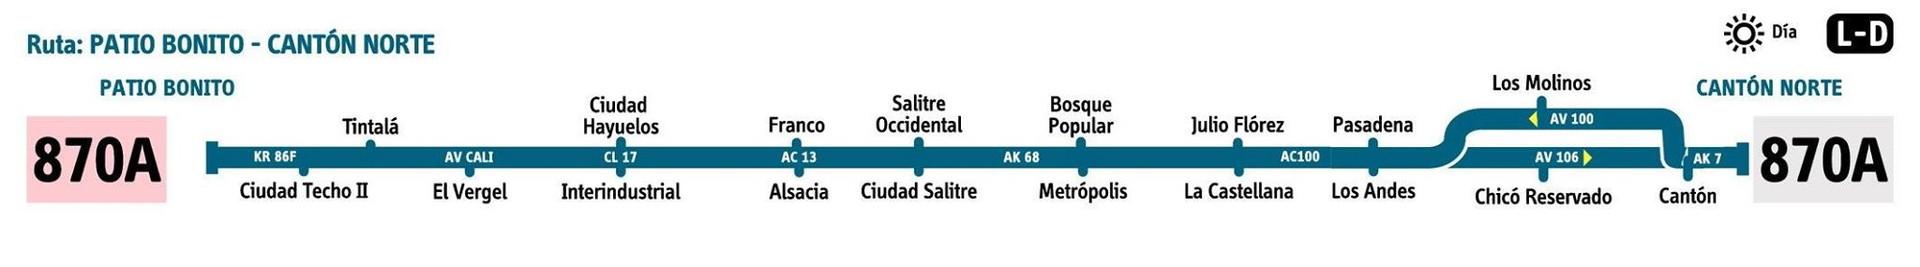 Ruta SITP: 870A Patio Bonito ↔ Cantón Norte (Floresta) [Urbana] 1